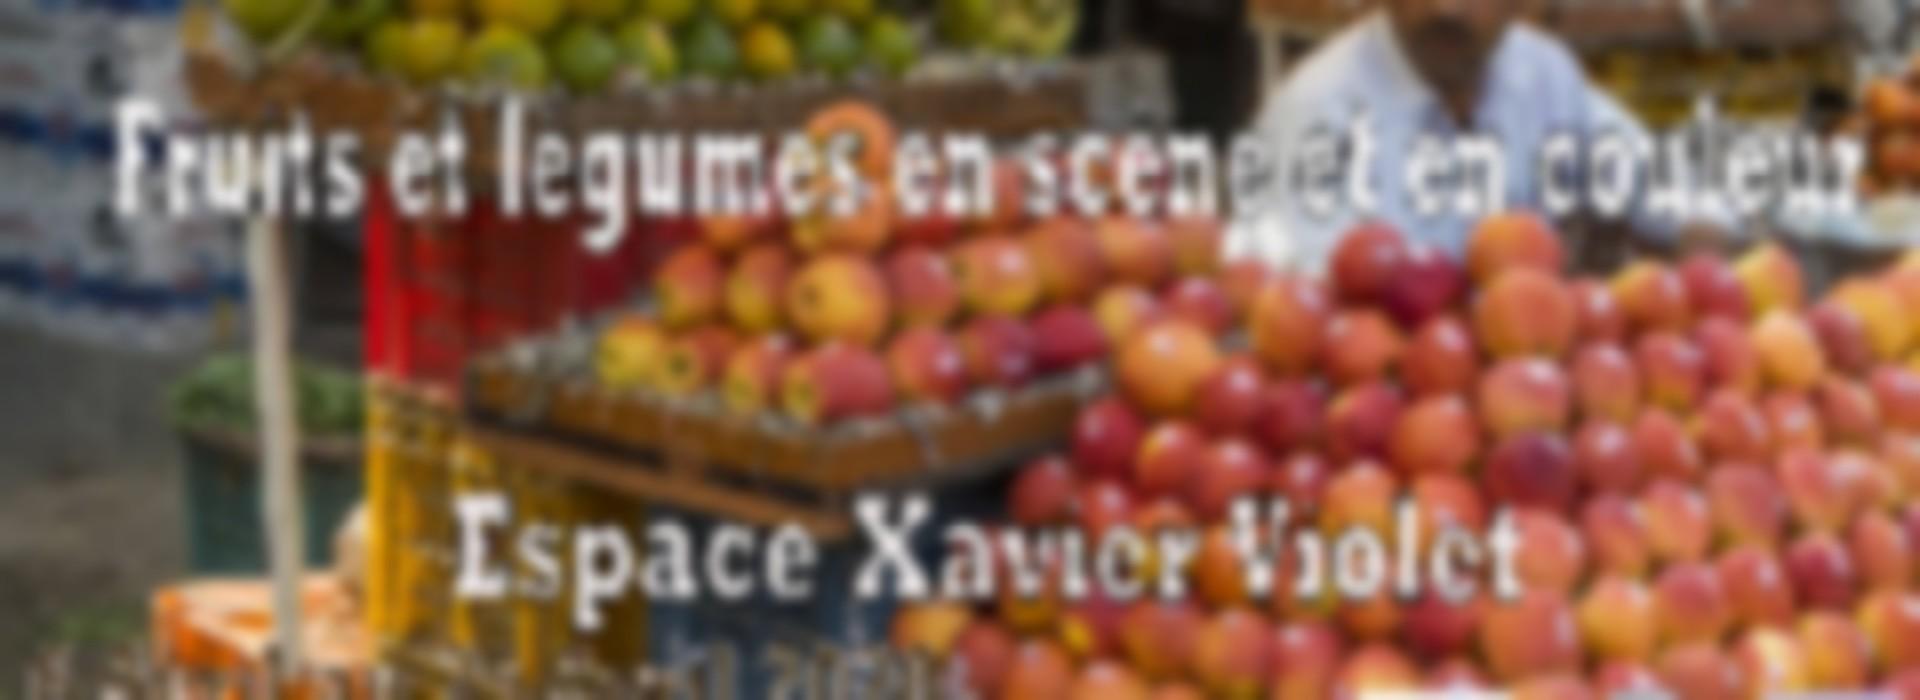 Couleur De Pierre Chalonnes Sur Loire exposition photos fruits et legumes en scene et en couleur